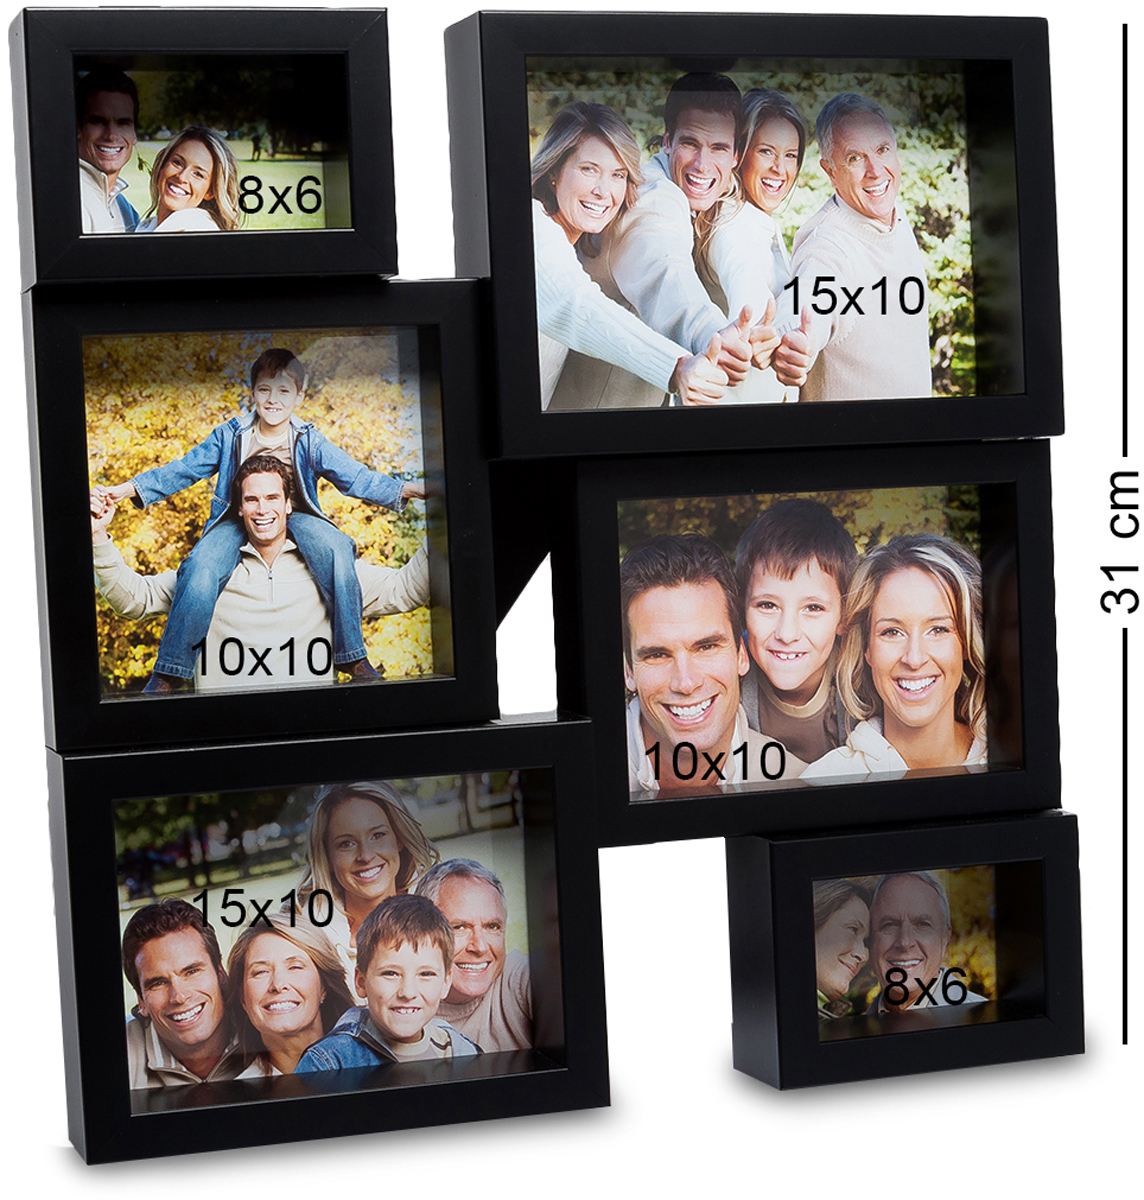 Панно из фоторамок Bellezza Casa Семейная история, на 6 фото: 8х6, 10х10, 15х10. CHK-13828907 4Панно из фоторамок на 6 фото для фотографий 8х6, 10х10 и 15х10 см.Раньше считалось, что фоторамка в подарок – это что-то глупое и, что у человека ее подарившего нет фантазии. Но времена меняются и фоторамку Семейная история несомненно, захотели бы получить все, кто ее видели. Фоторамка выполнена из пластика, черная отделка смотрится современно, модно. А еще, сама рамка, рассчитанная на 6 фотографий, станет модной изюминкой любой комнаты, будь-то гостиная или спальня.